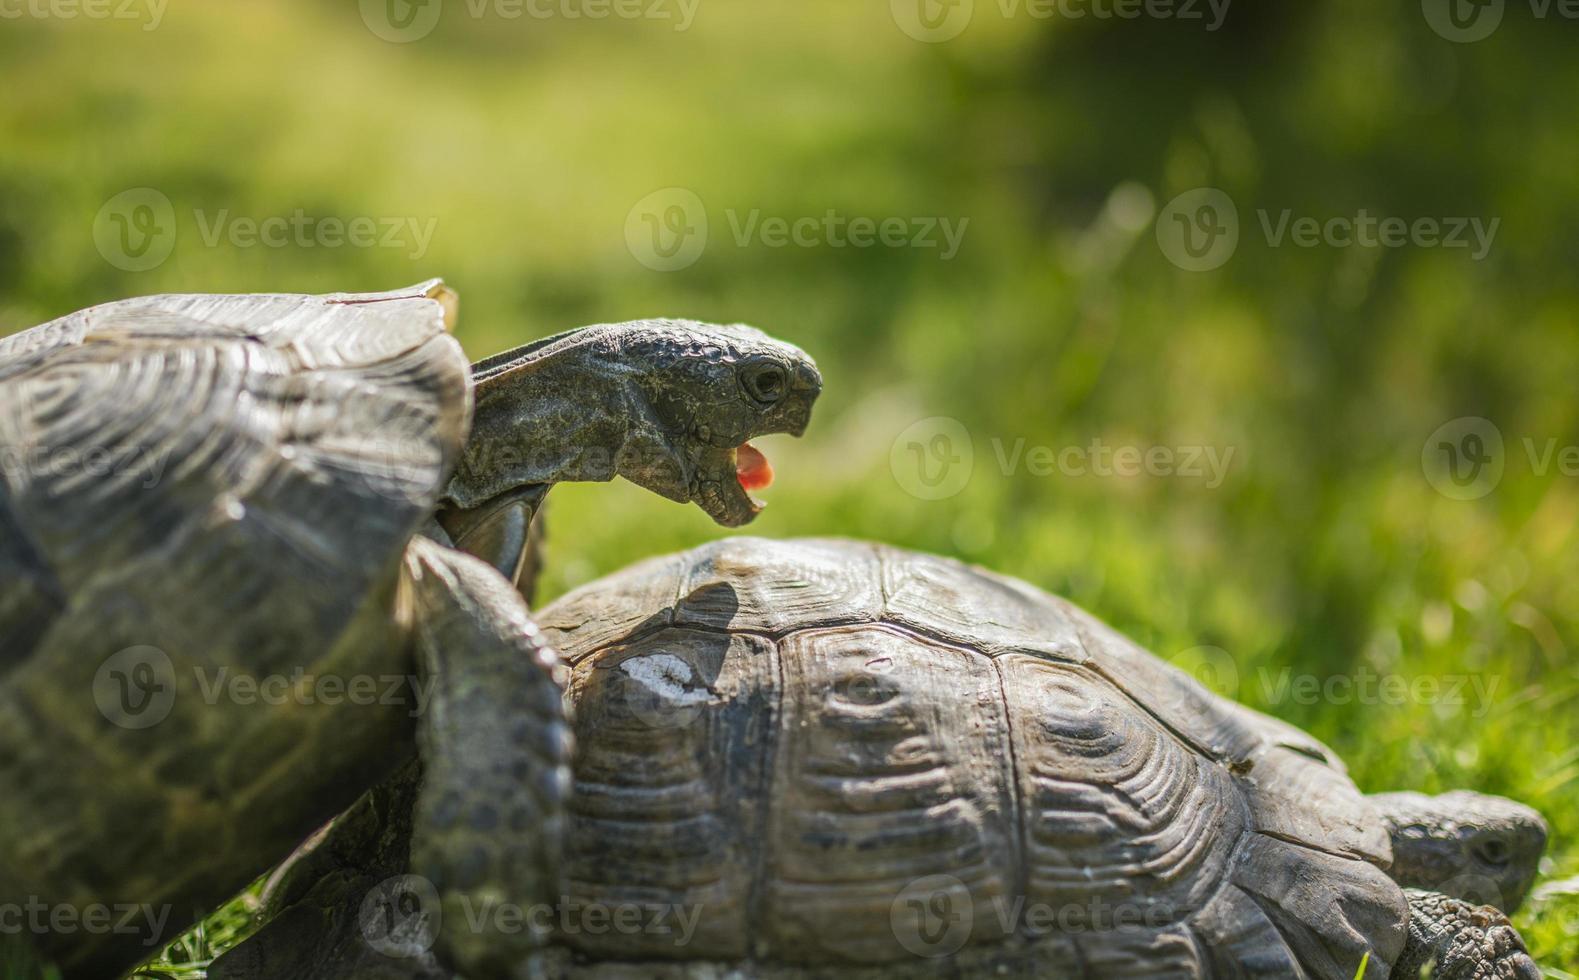 pequeña tortuga linda en el verde garss foto